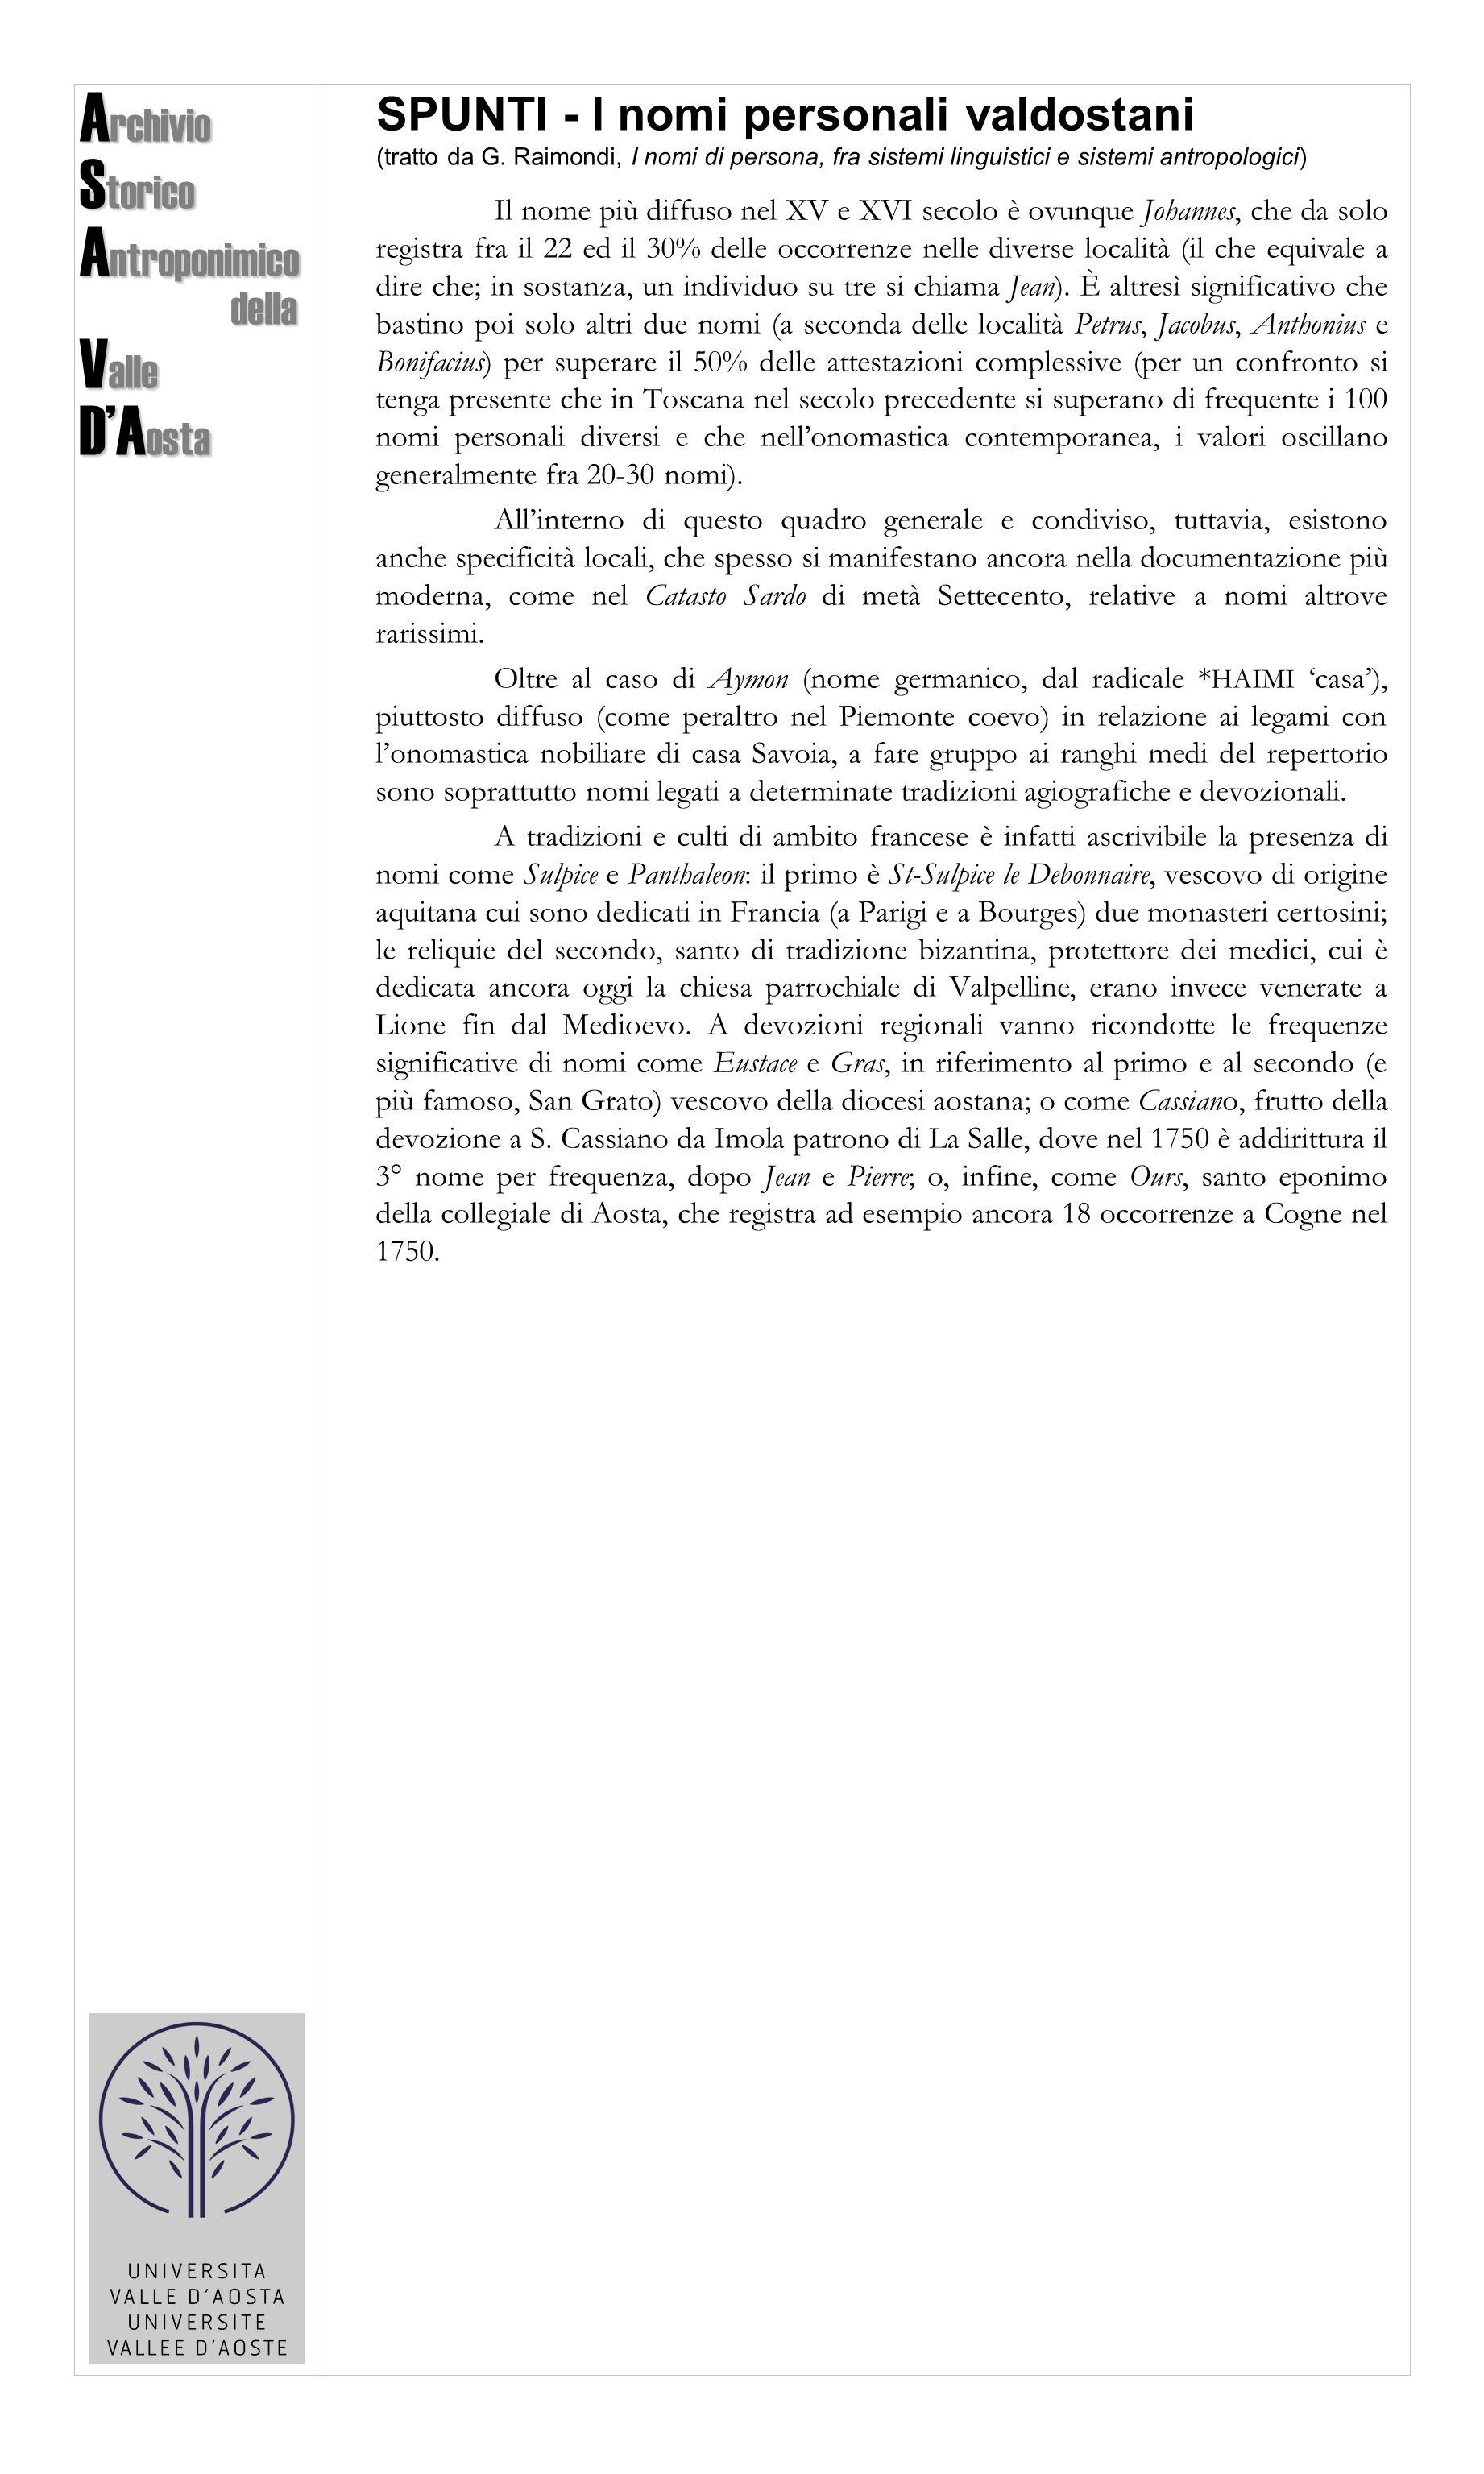 Archivio Storico Antroponimico Valle D'Aosta